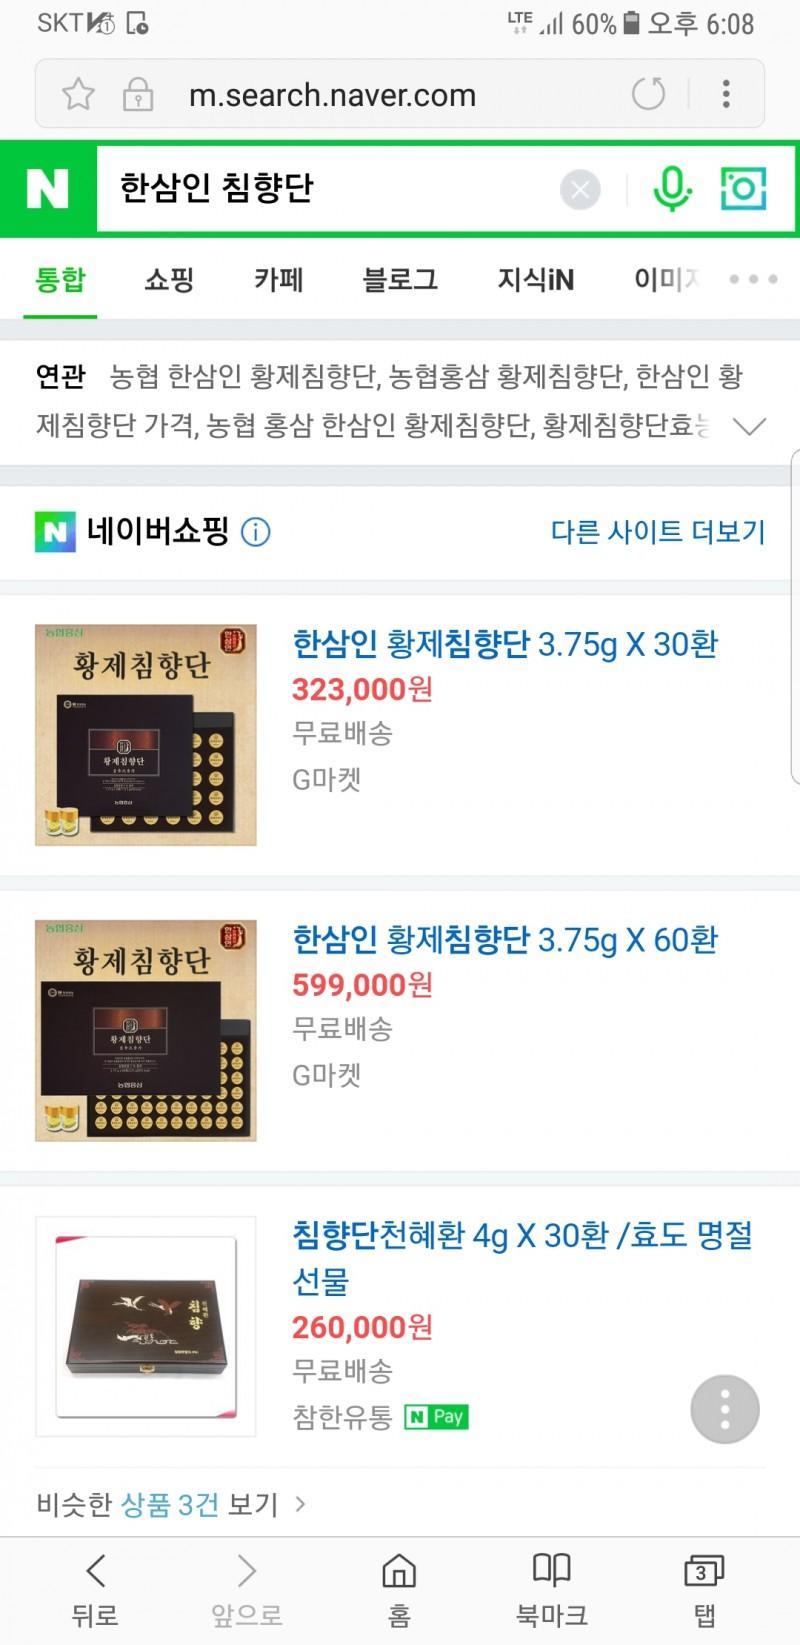 한삼인 황제침향단 3.75g x 30환 (쇼핑백동봉) 온라인최저가30만원대제품